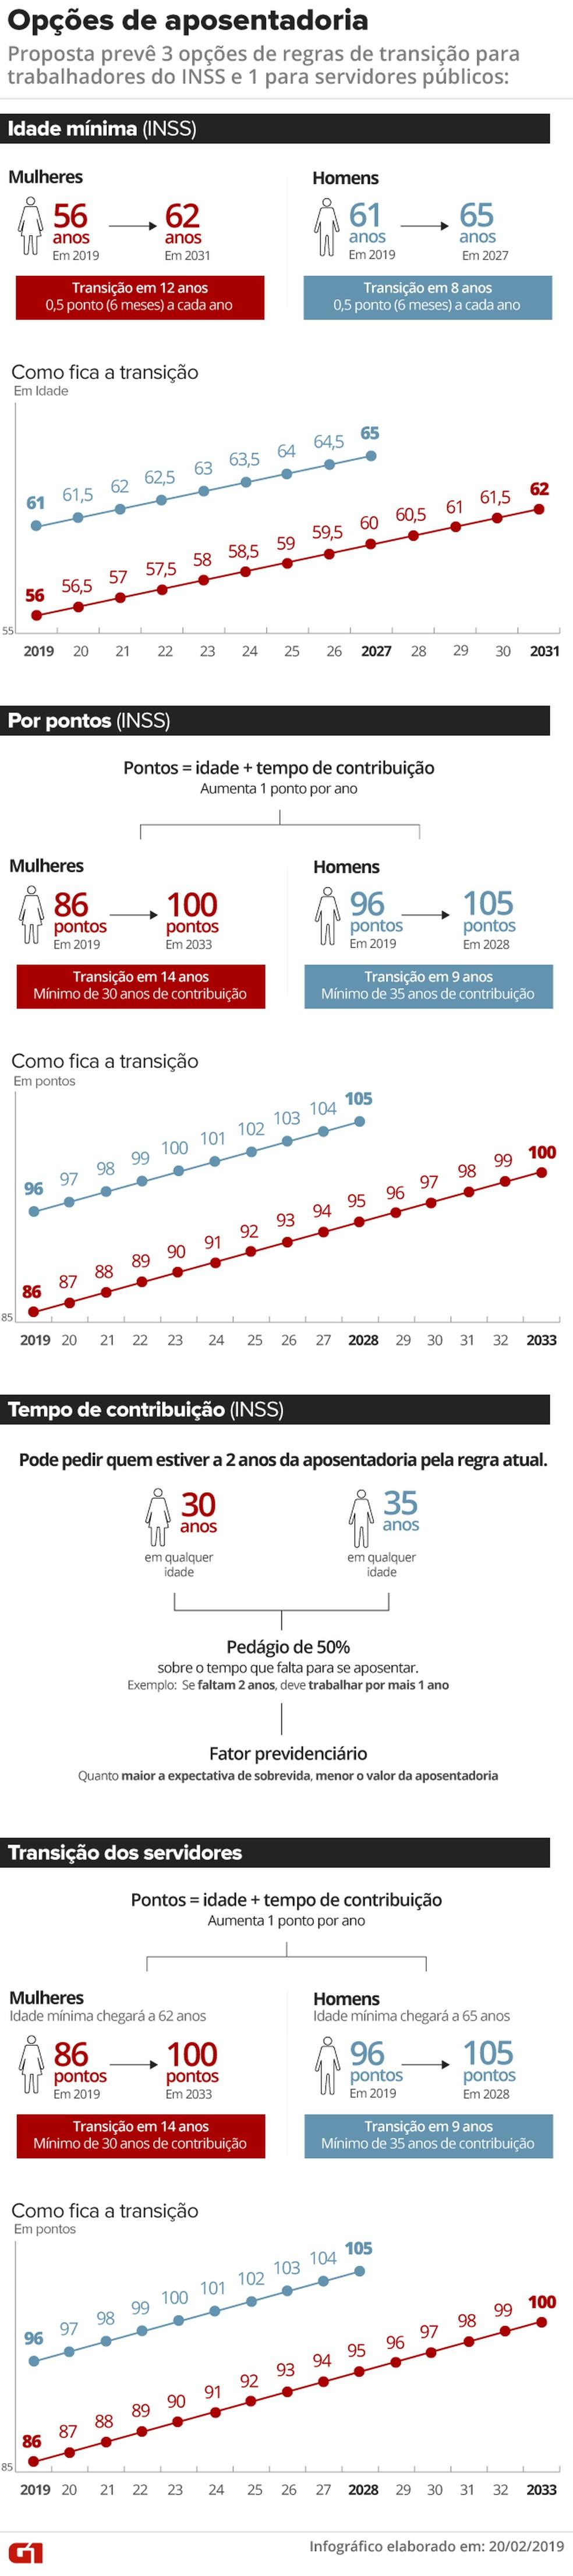 Regras de transição pela proposta de reforma da Previdência do governo Bolsonaro. — Foto: Juliane Monteiro/G1